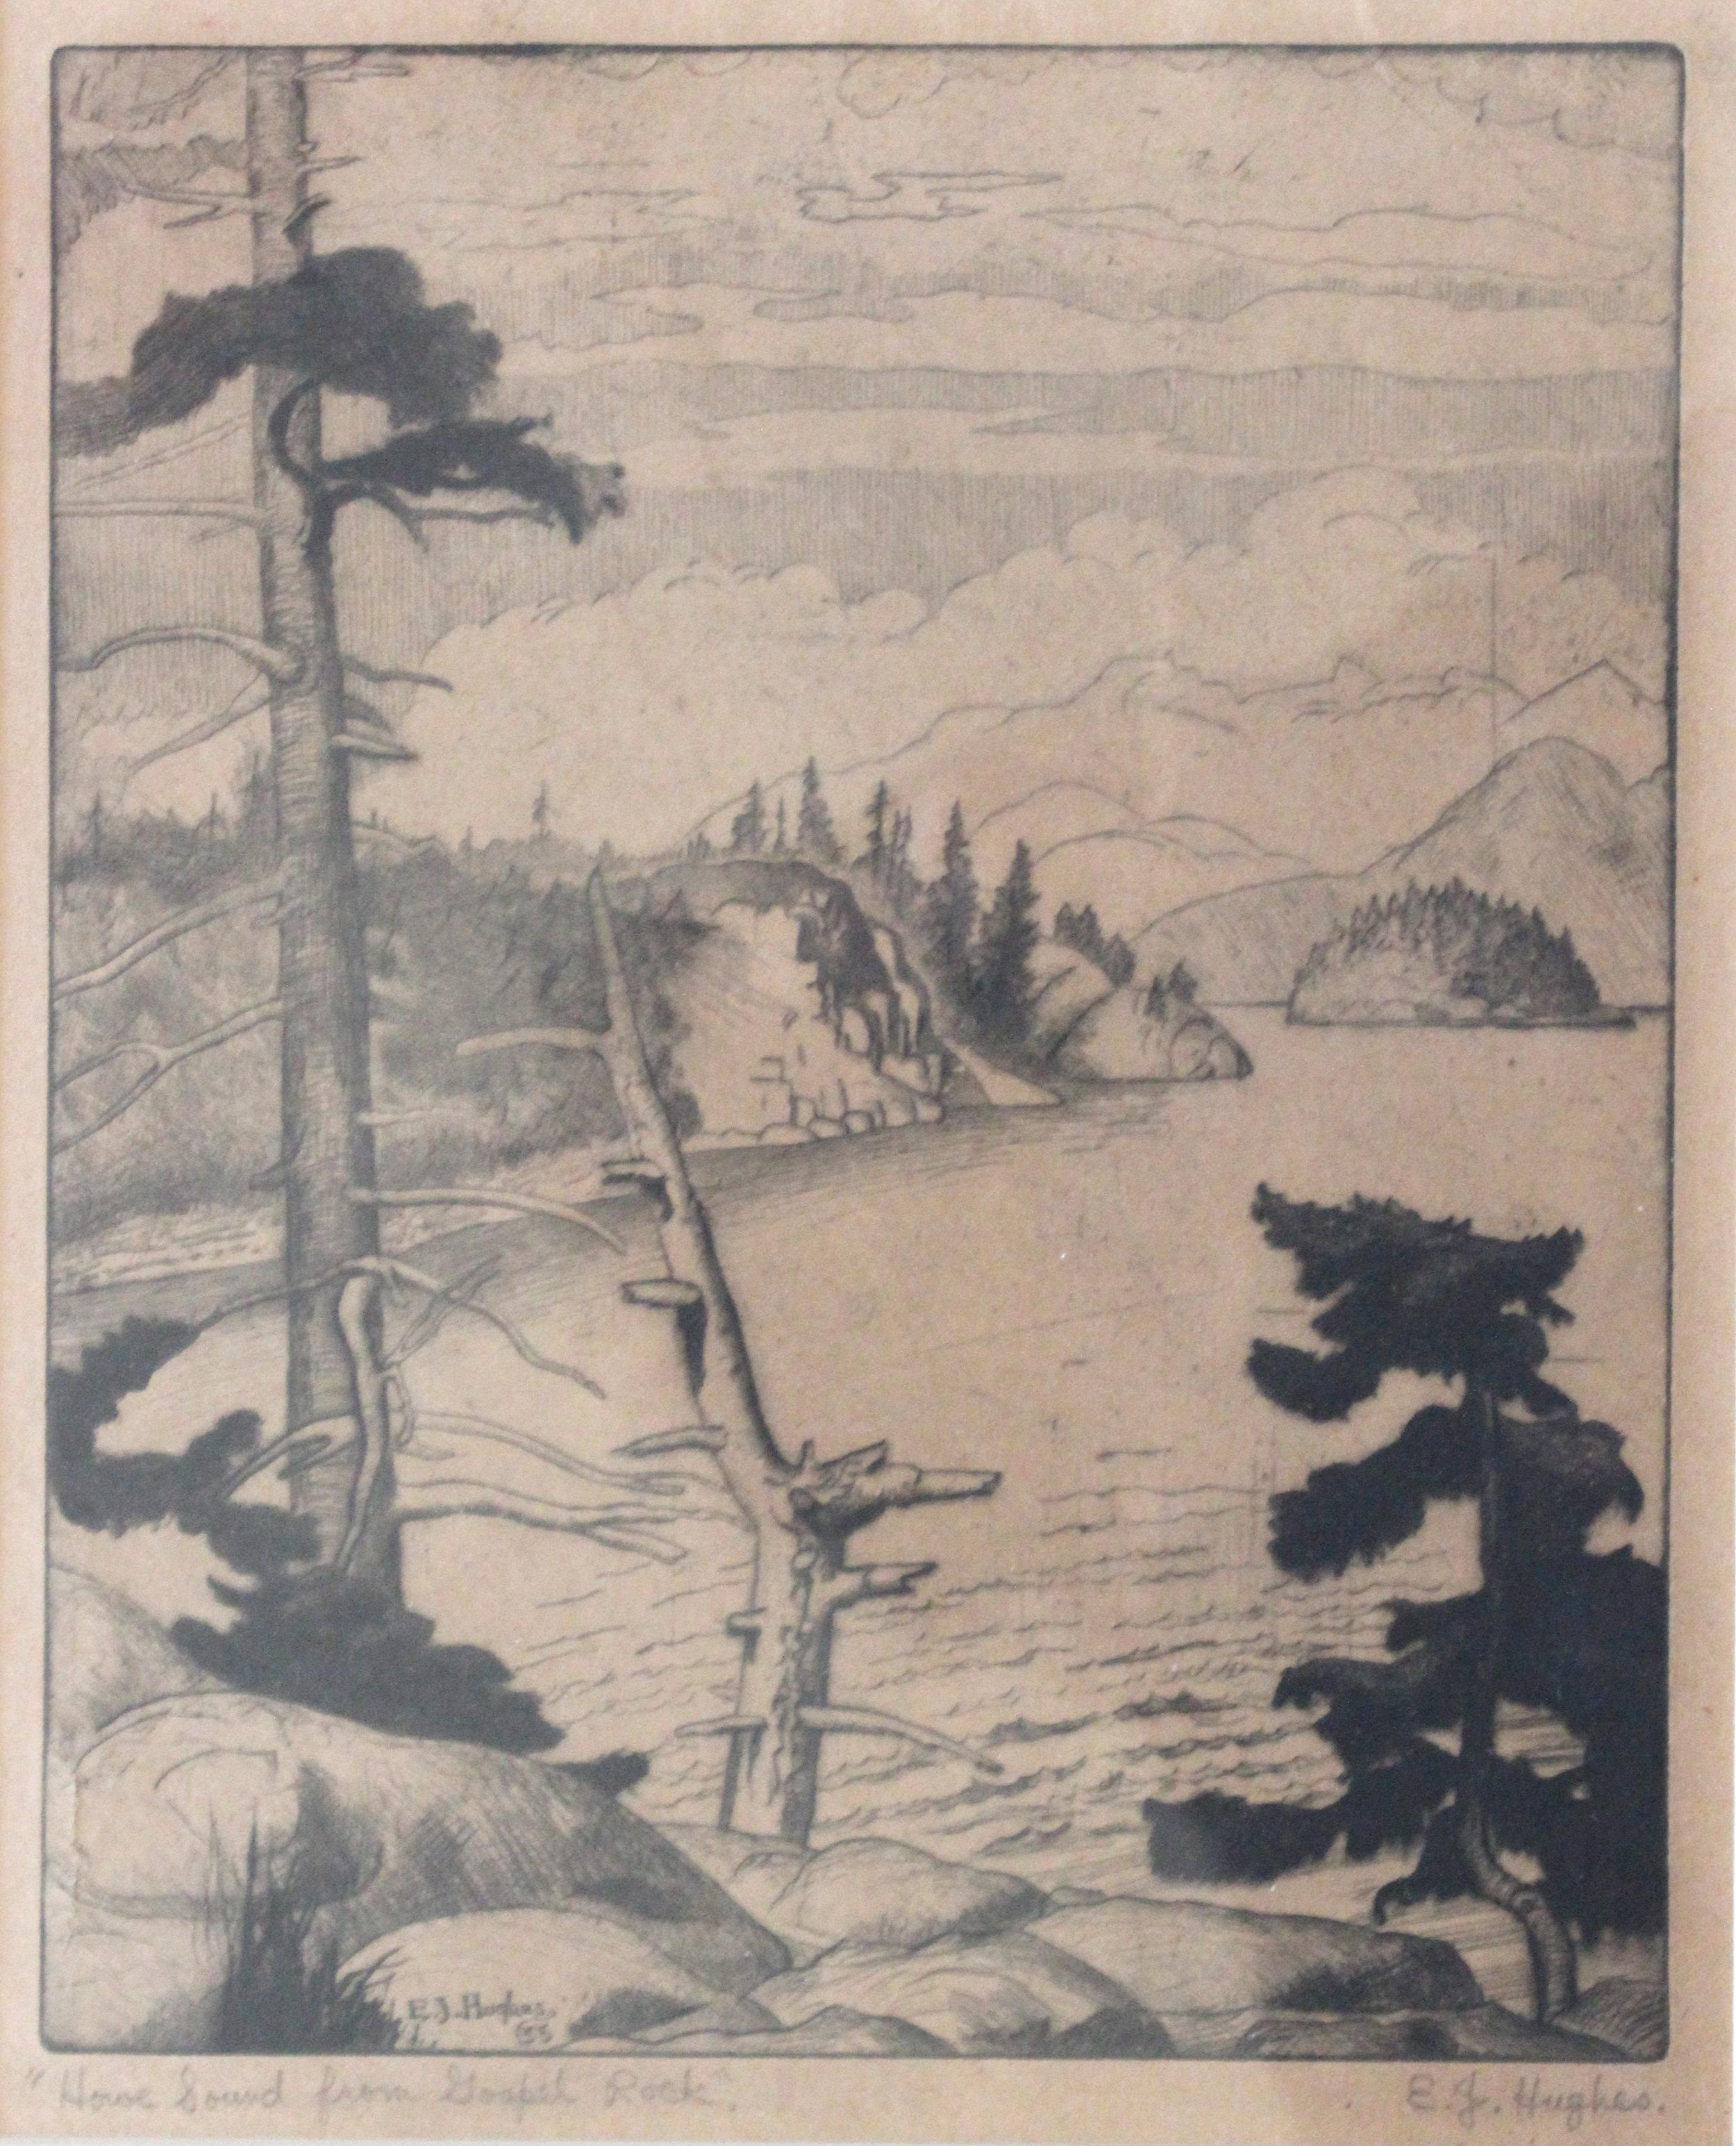 E.J Hughes, Howe Sound From Gospel Rock, 1935